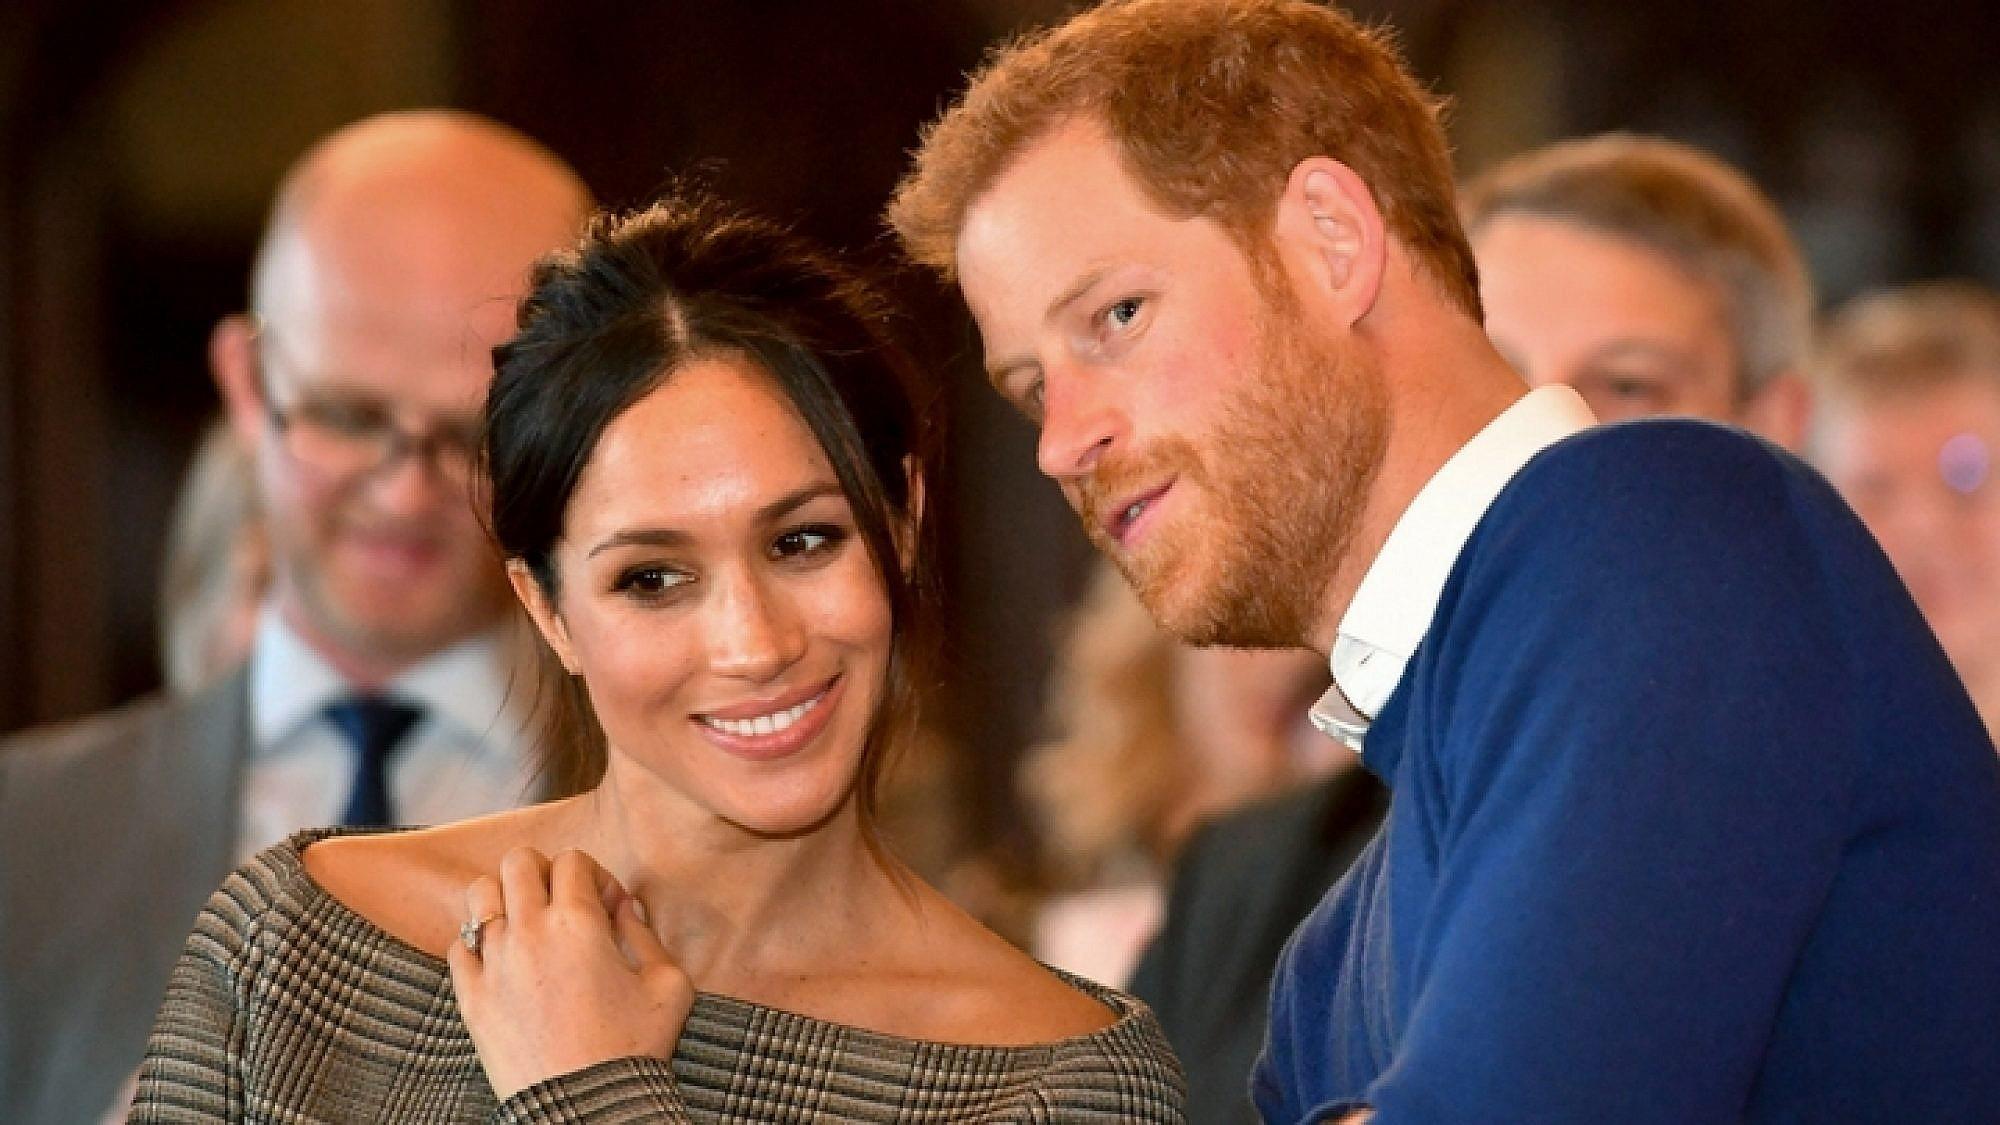 כבר לא יכולות לחכות לראות אתכם חתן וכלה: מייגן מרקל והנסיך הארי | צילום: Gettyimages